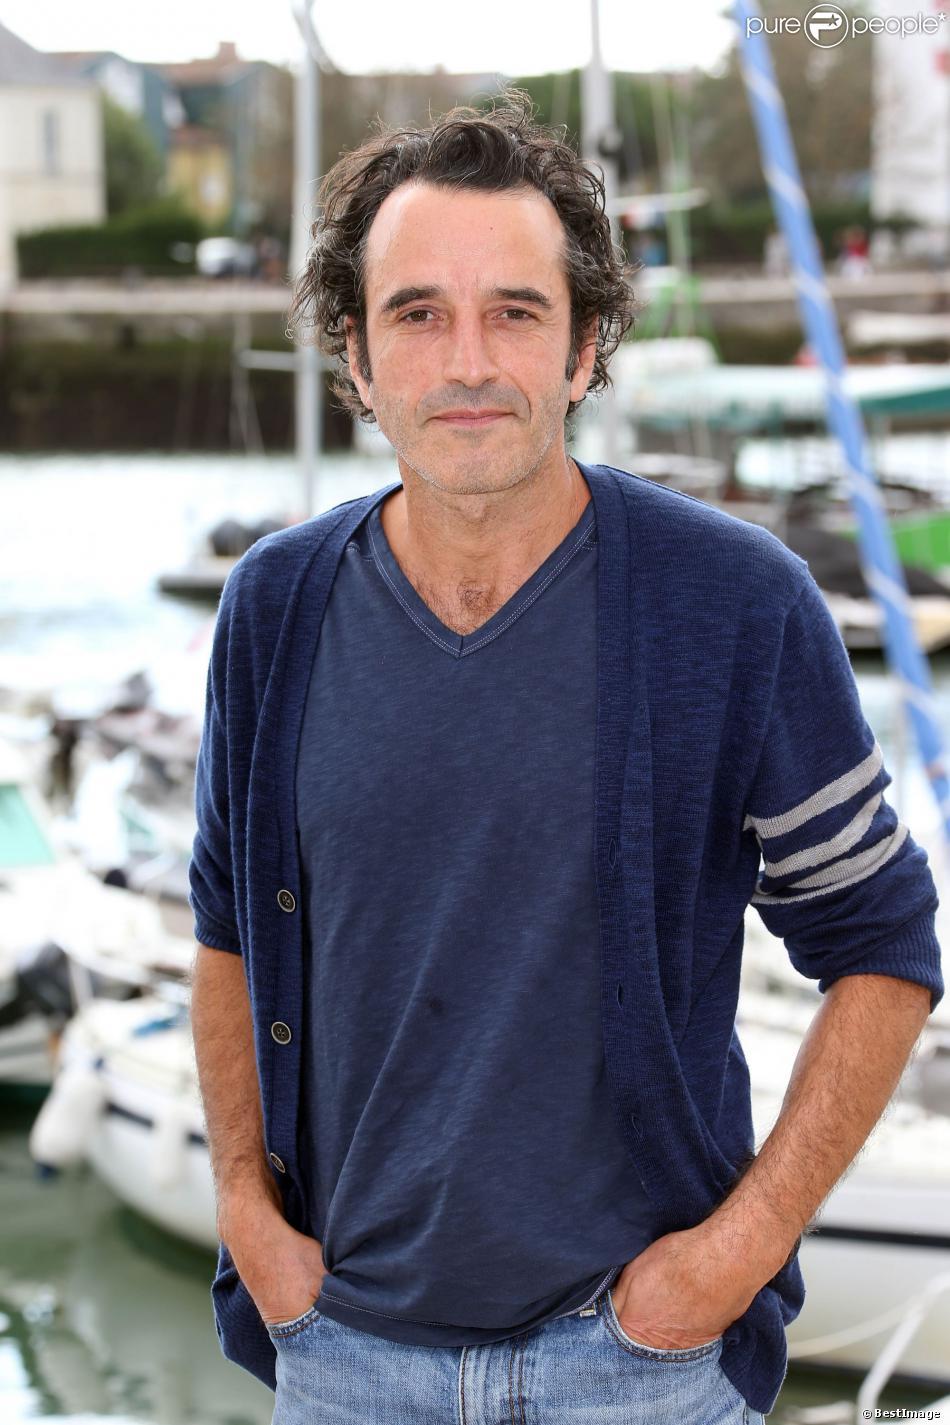 la célébrité de Martin du 22 janvier trouvée par Martine - Page 2 1261930-bruno-todeschini-presentation-du-film-950x0-1